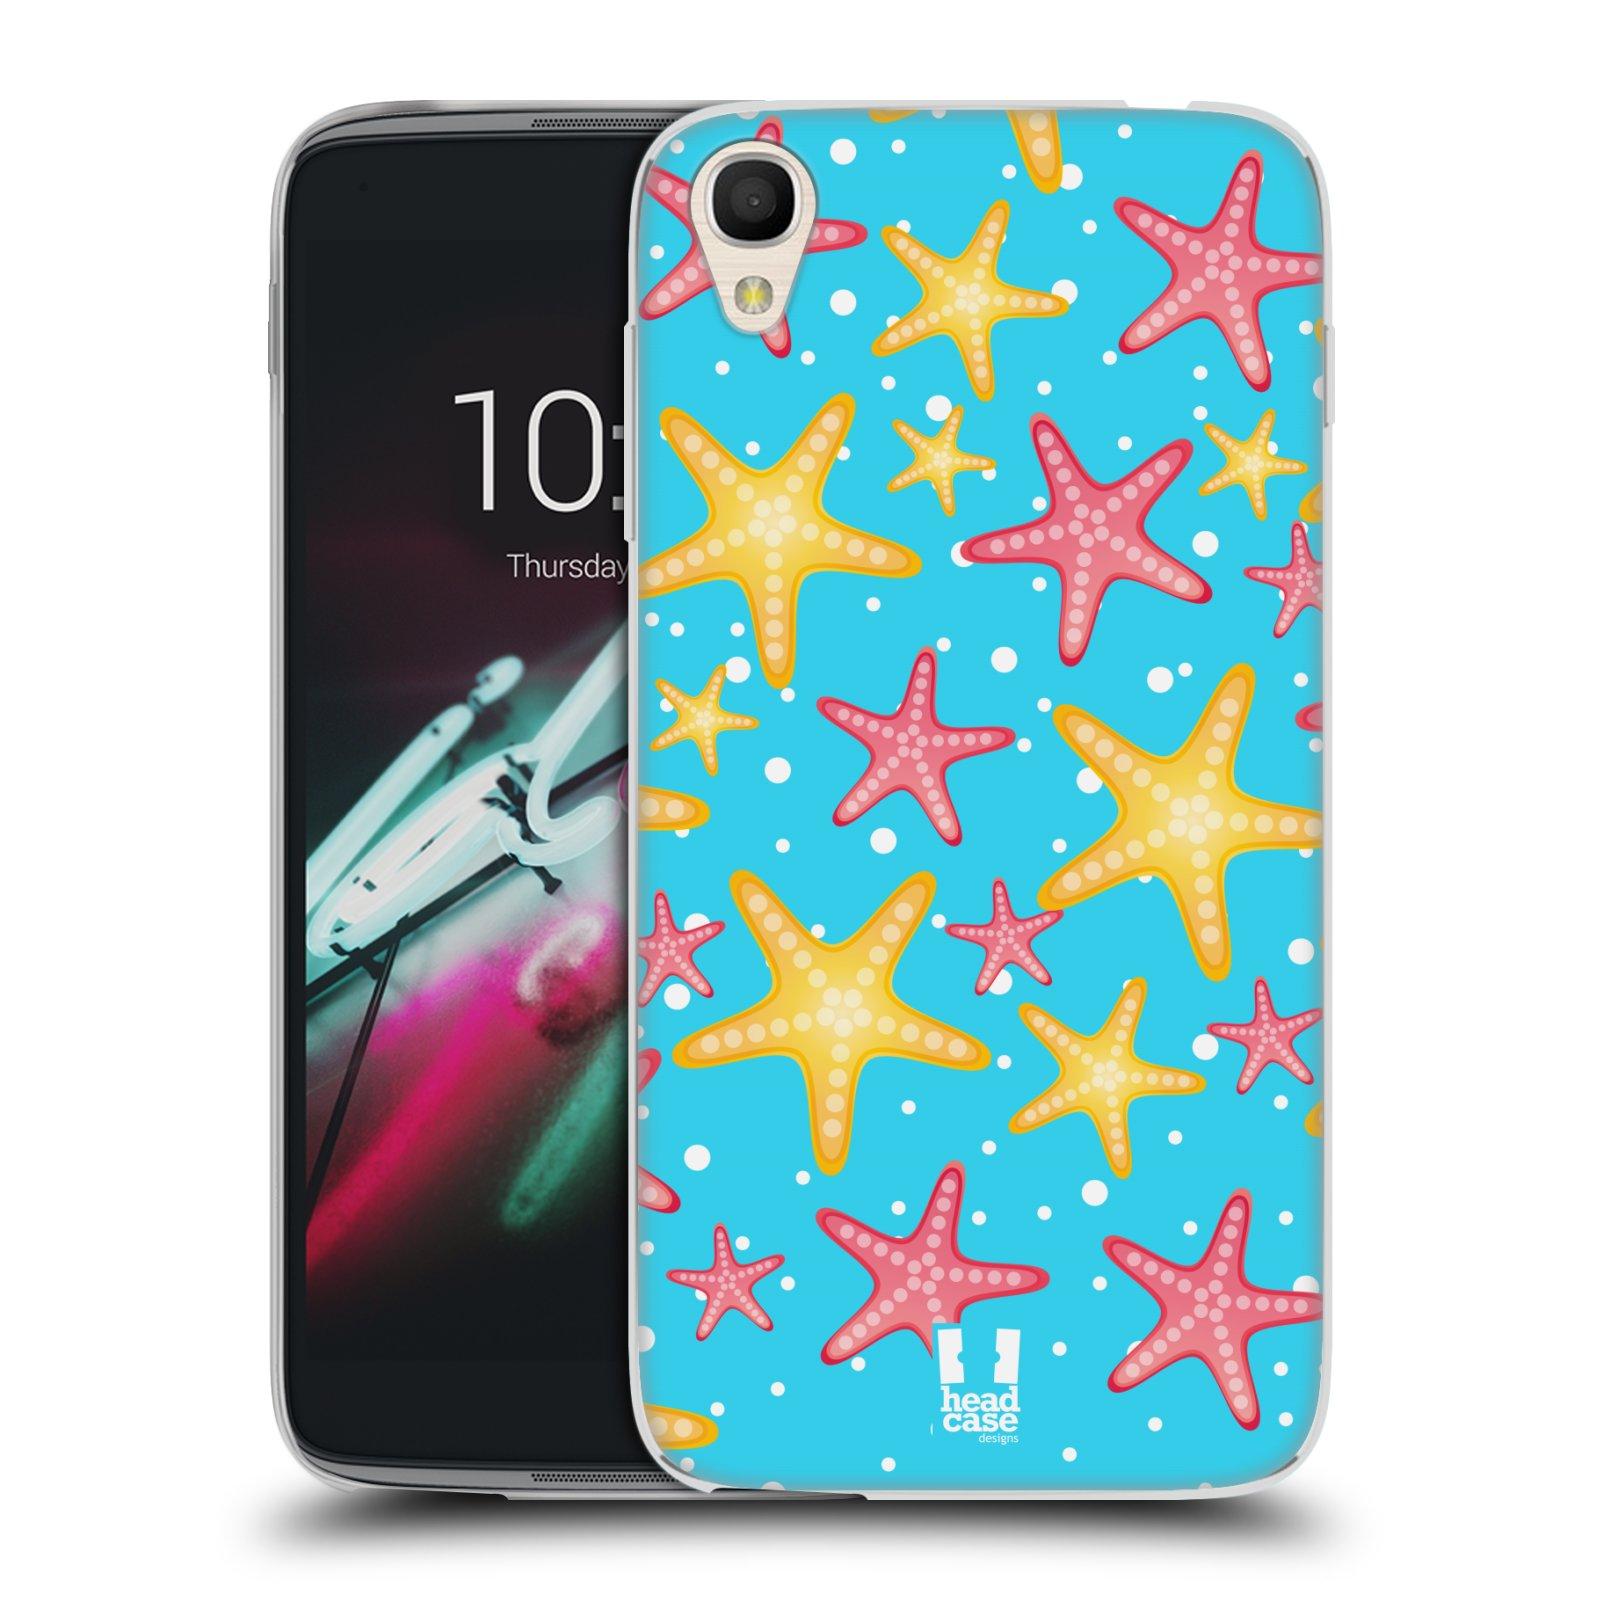 HEAD CASE silikonový obal na mobil Alcatel Idol 3 OT-6039Y (4.7) vzor mořský živočich hvězda